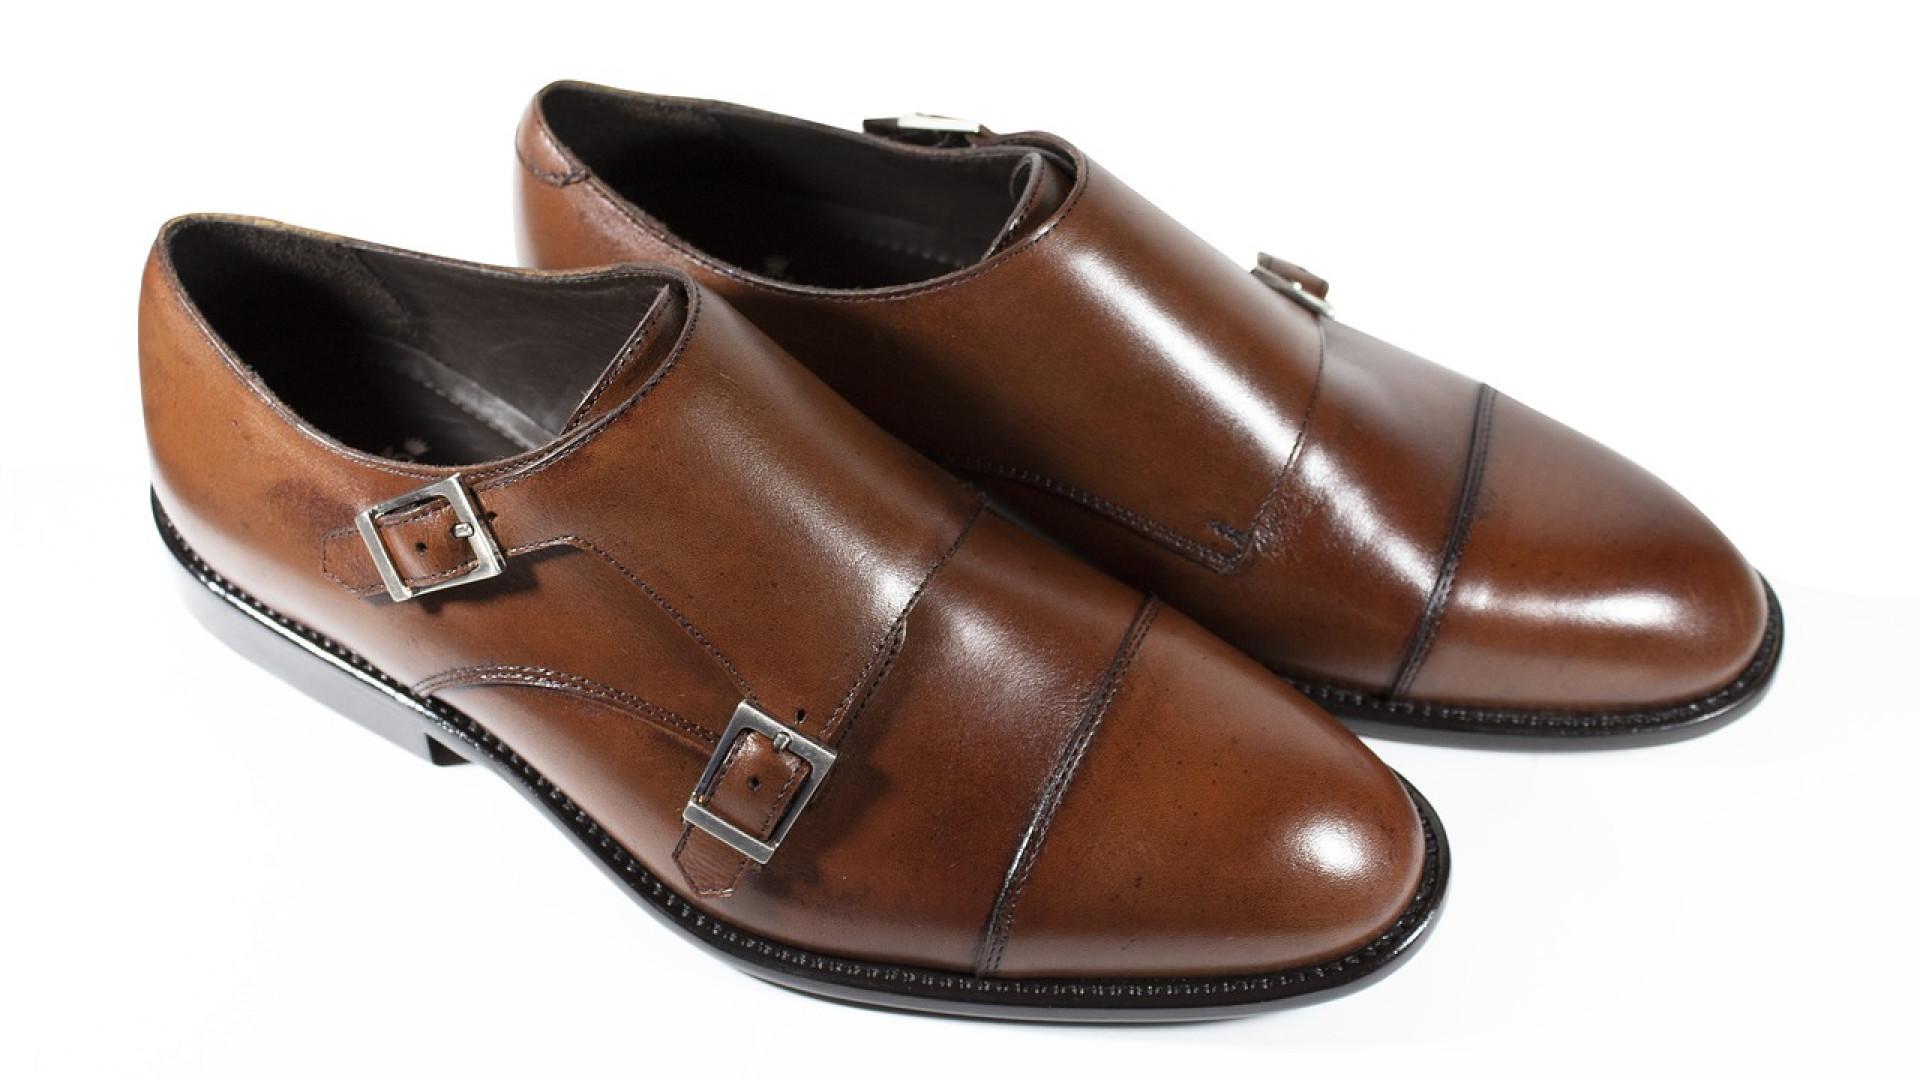 Chaussures homme haut de gamme, comment bien choisir?